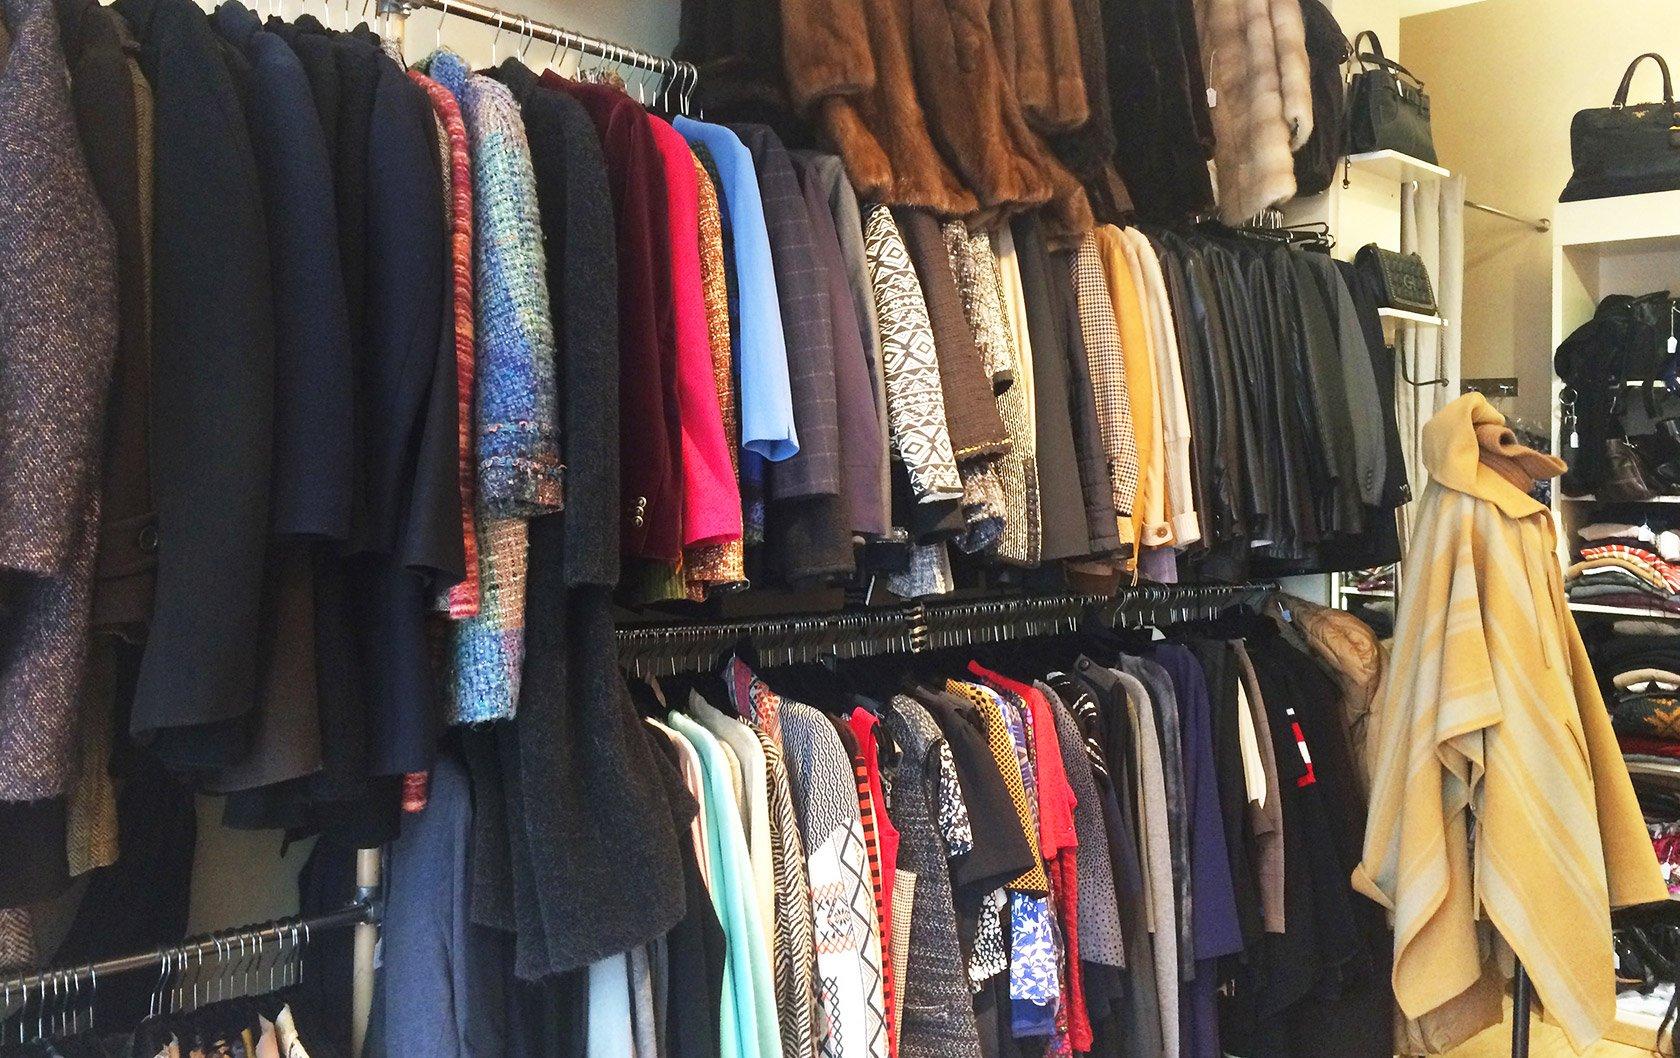 MW-lorette-et-jasmin-depot-vente-clothes-2